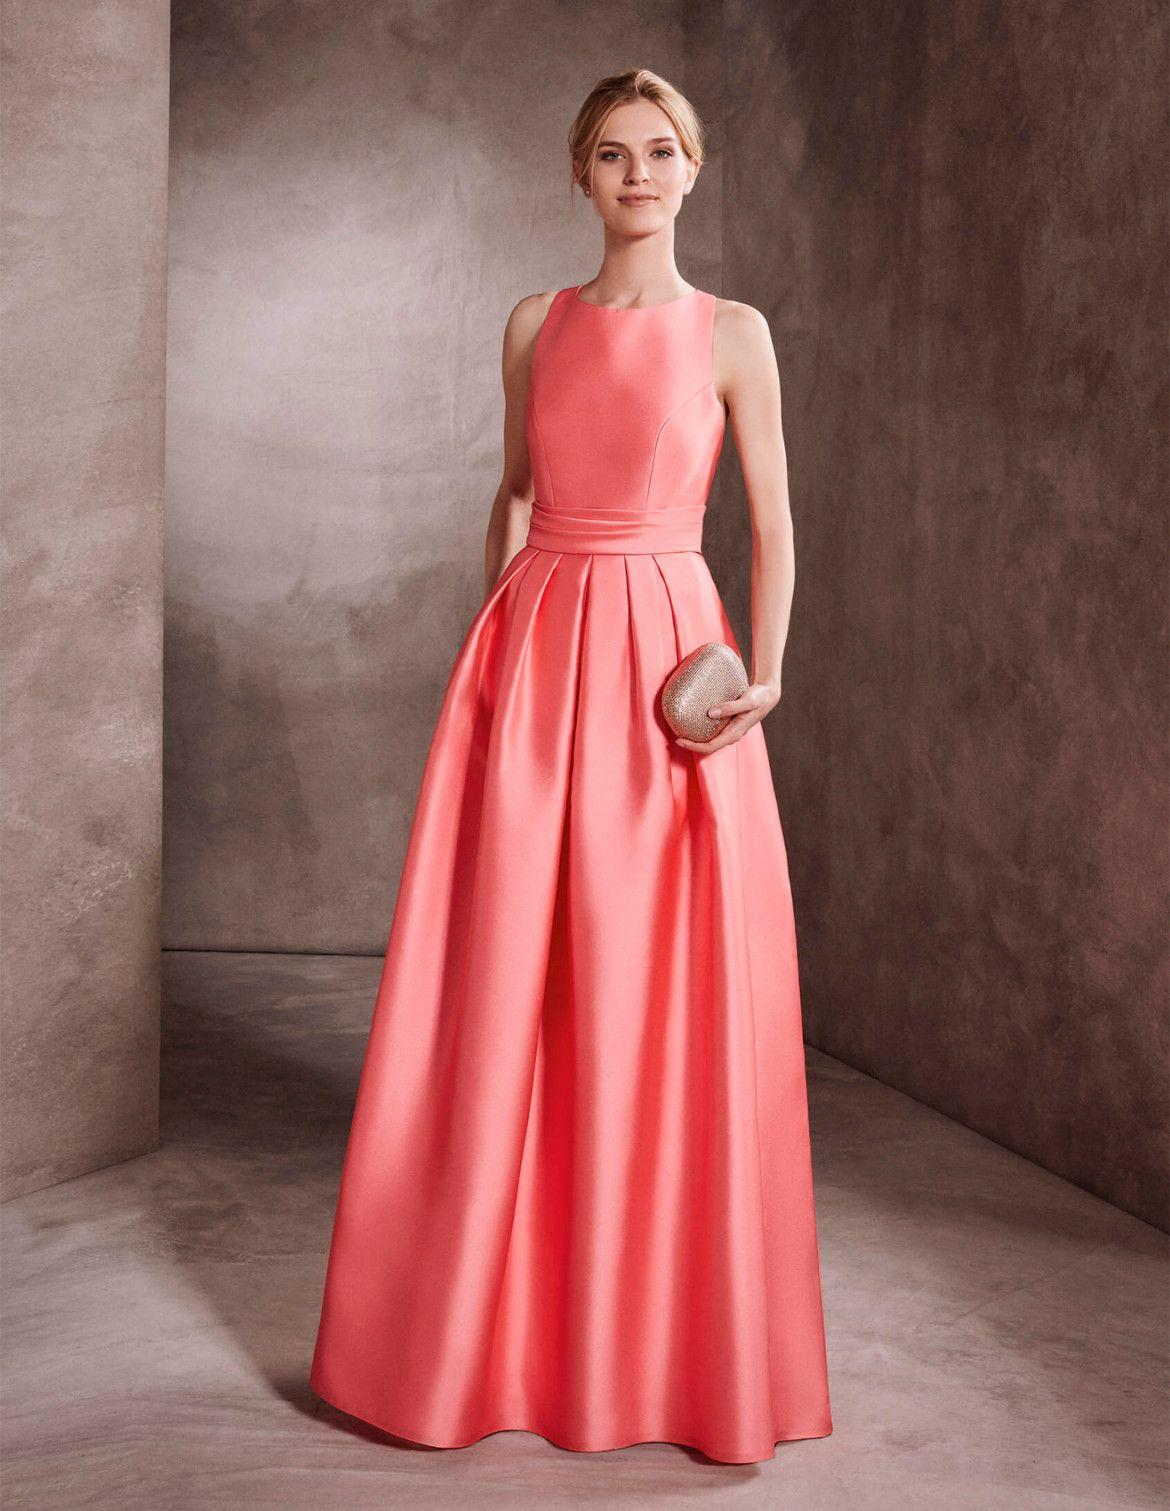 Asombroso Vestido De Fiesta Scarlett Imágenes - Colección de ...